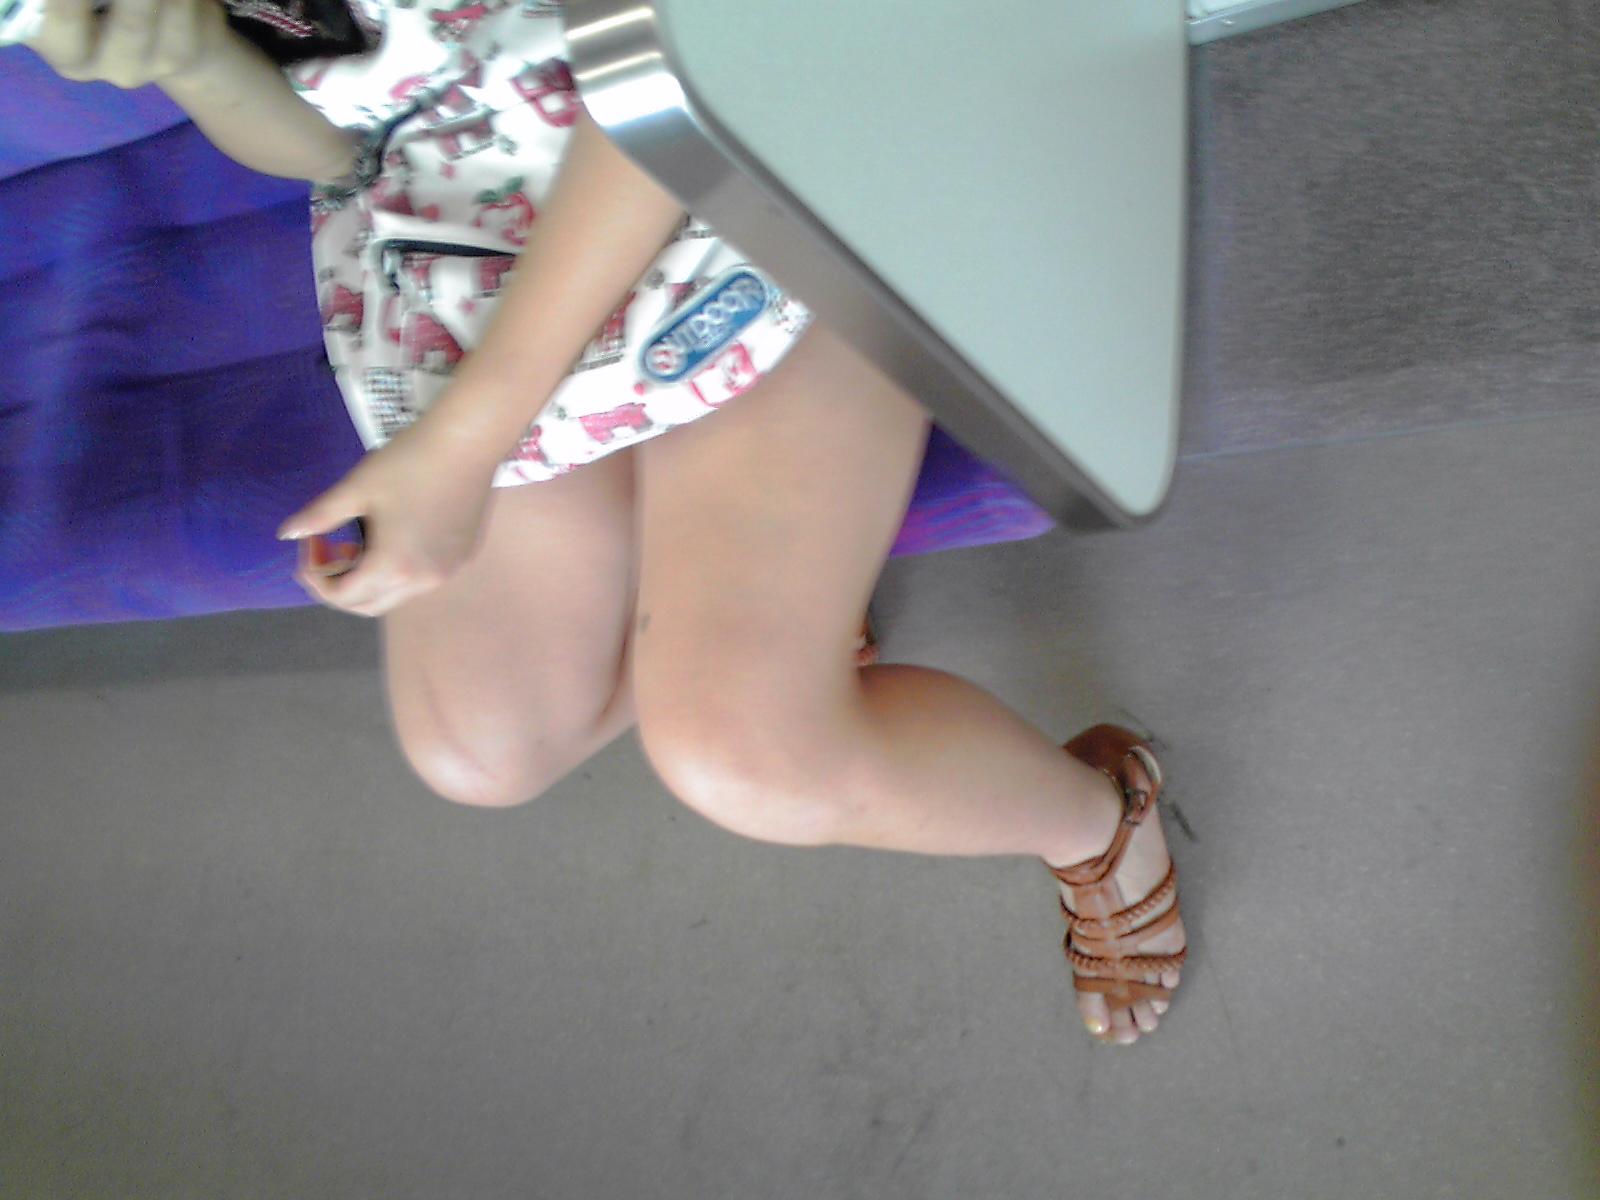 【素人美脚画像】街で見つけたお姉さん方の、見惚れてしまいそうな程長くて綺麗な脚 10